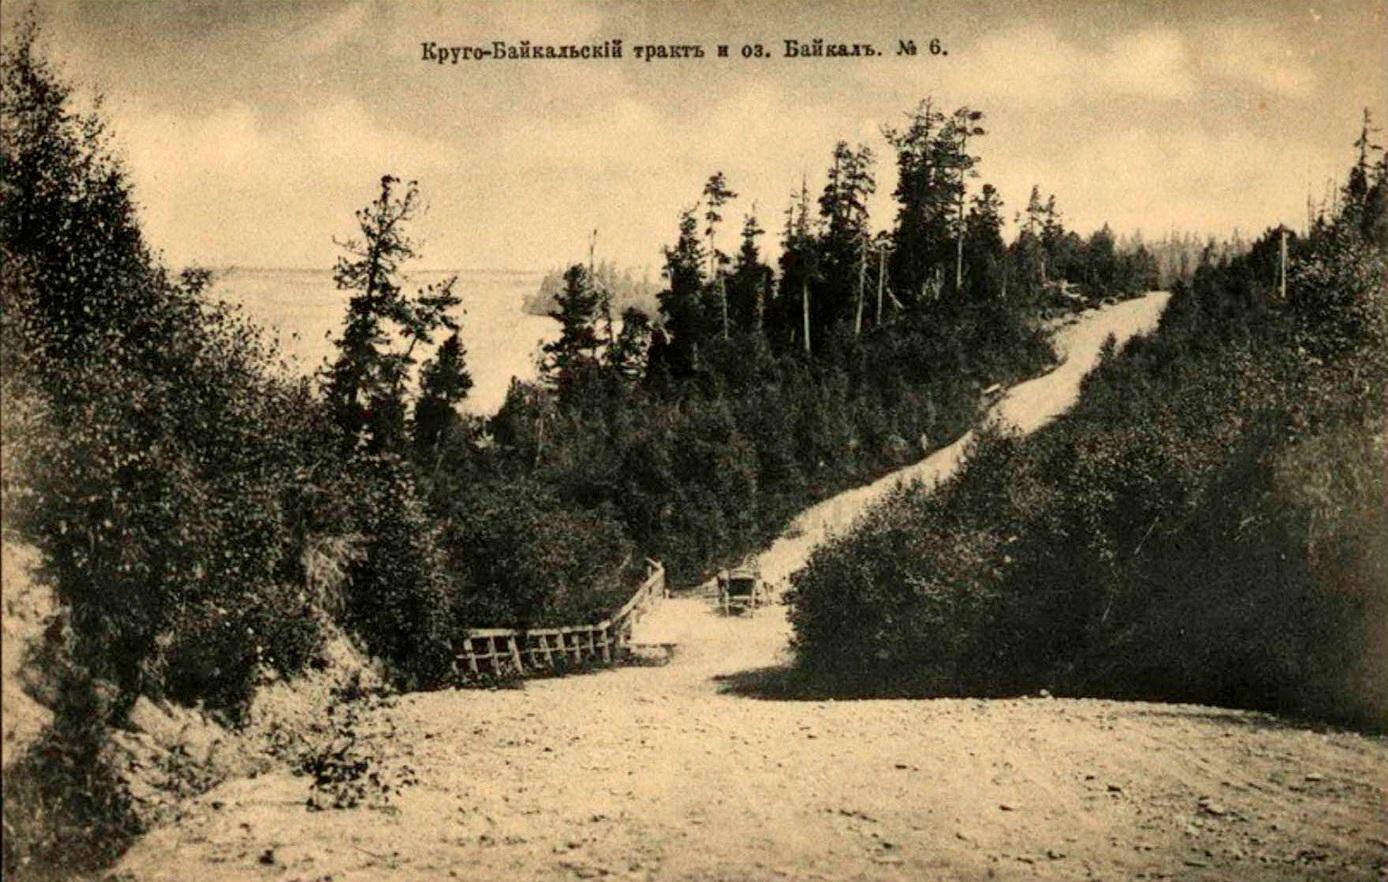 Кругобайкальский тракт.